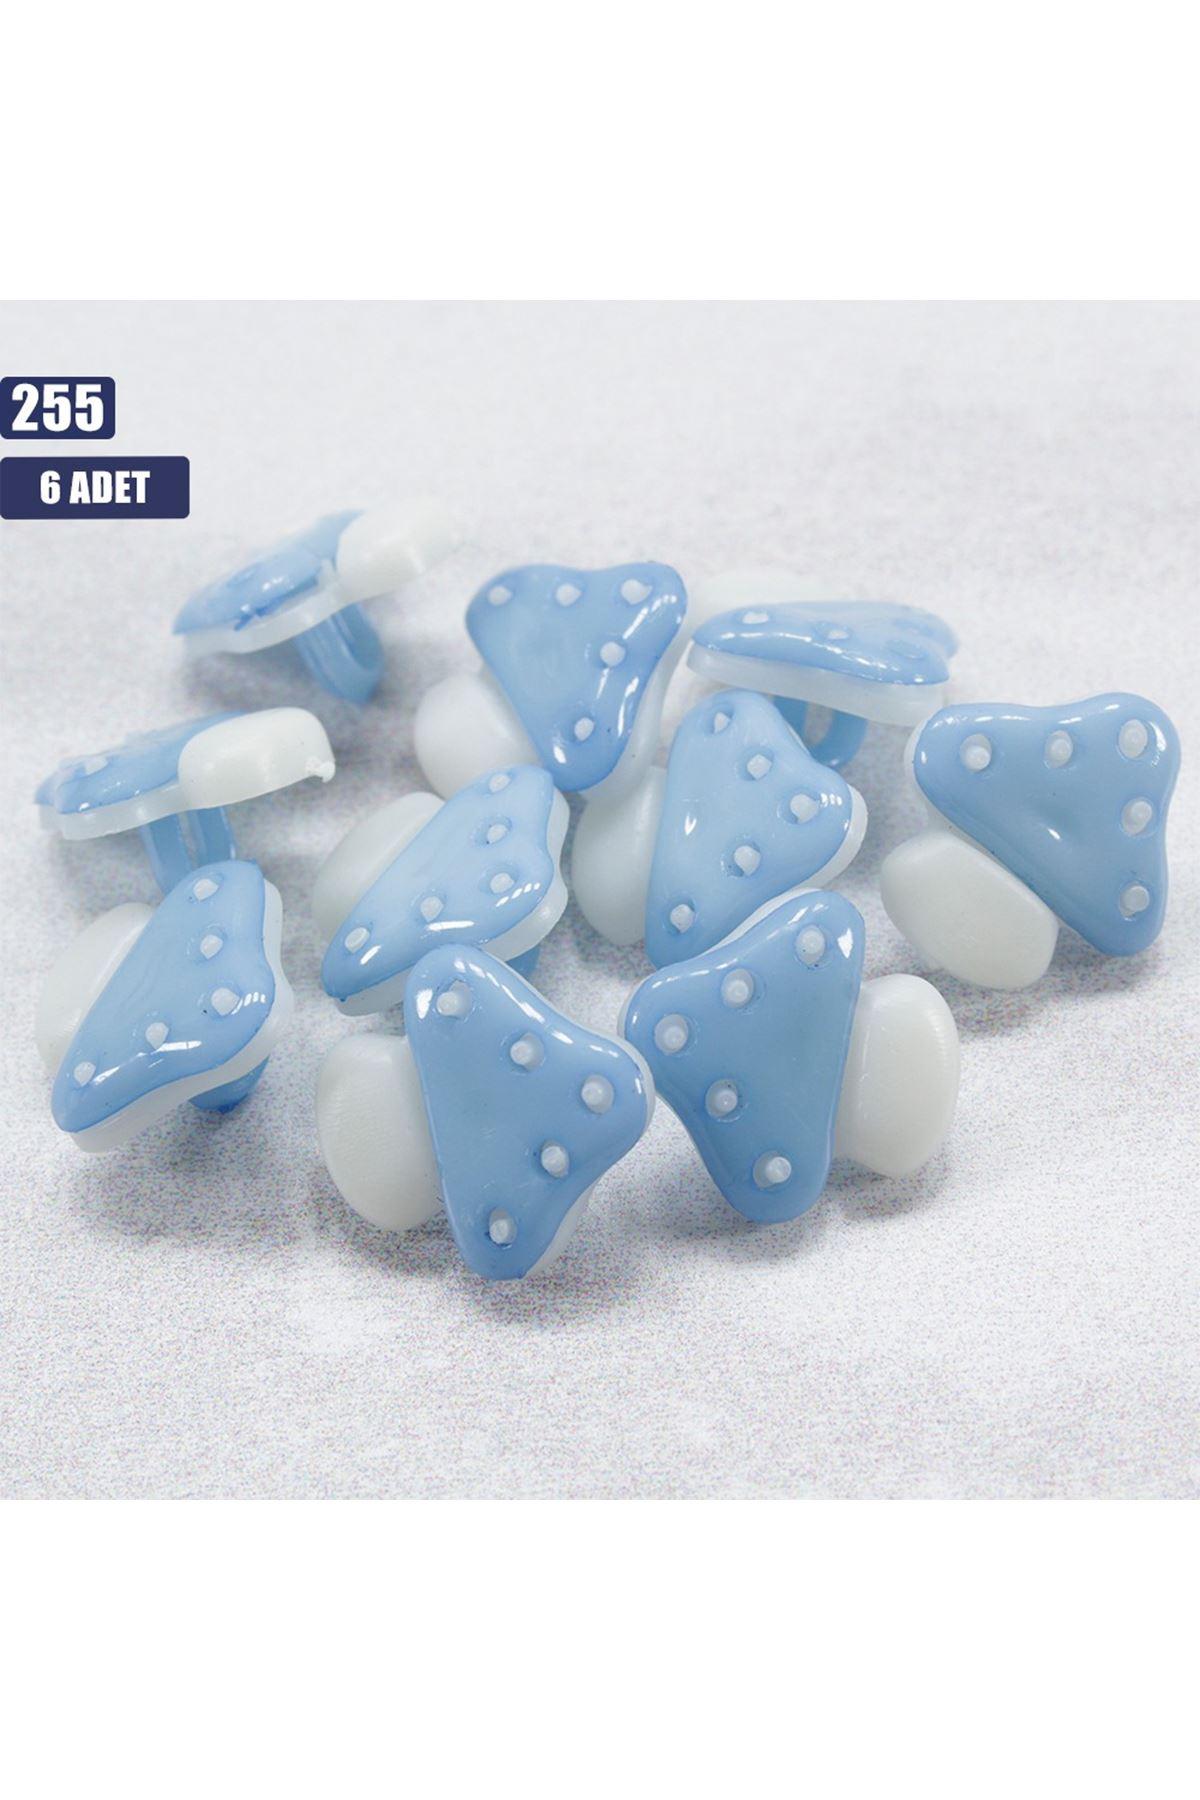 6 adet Bebek Düğmesi 255